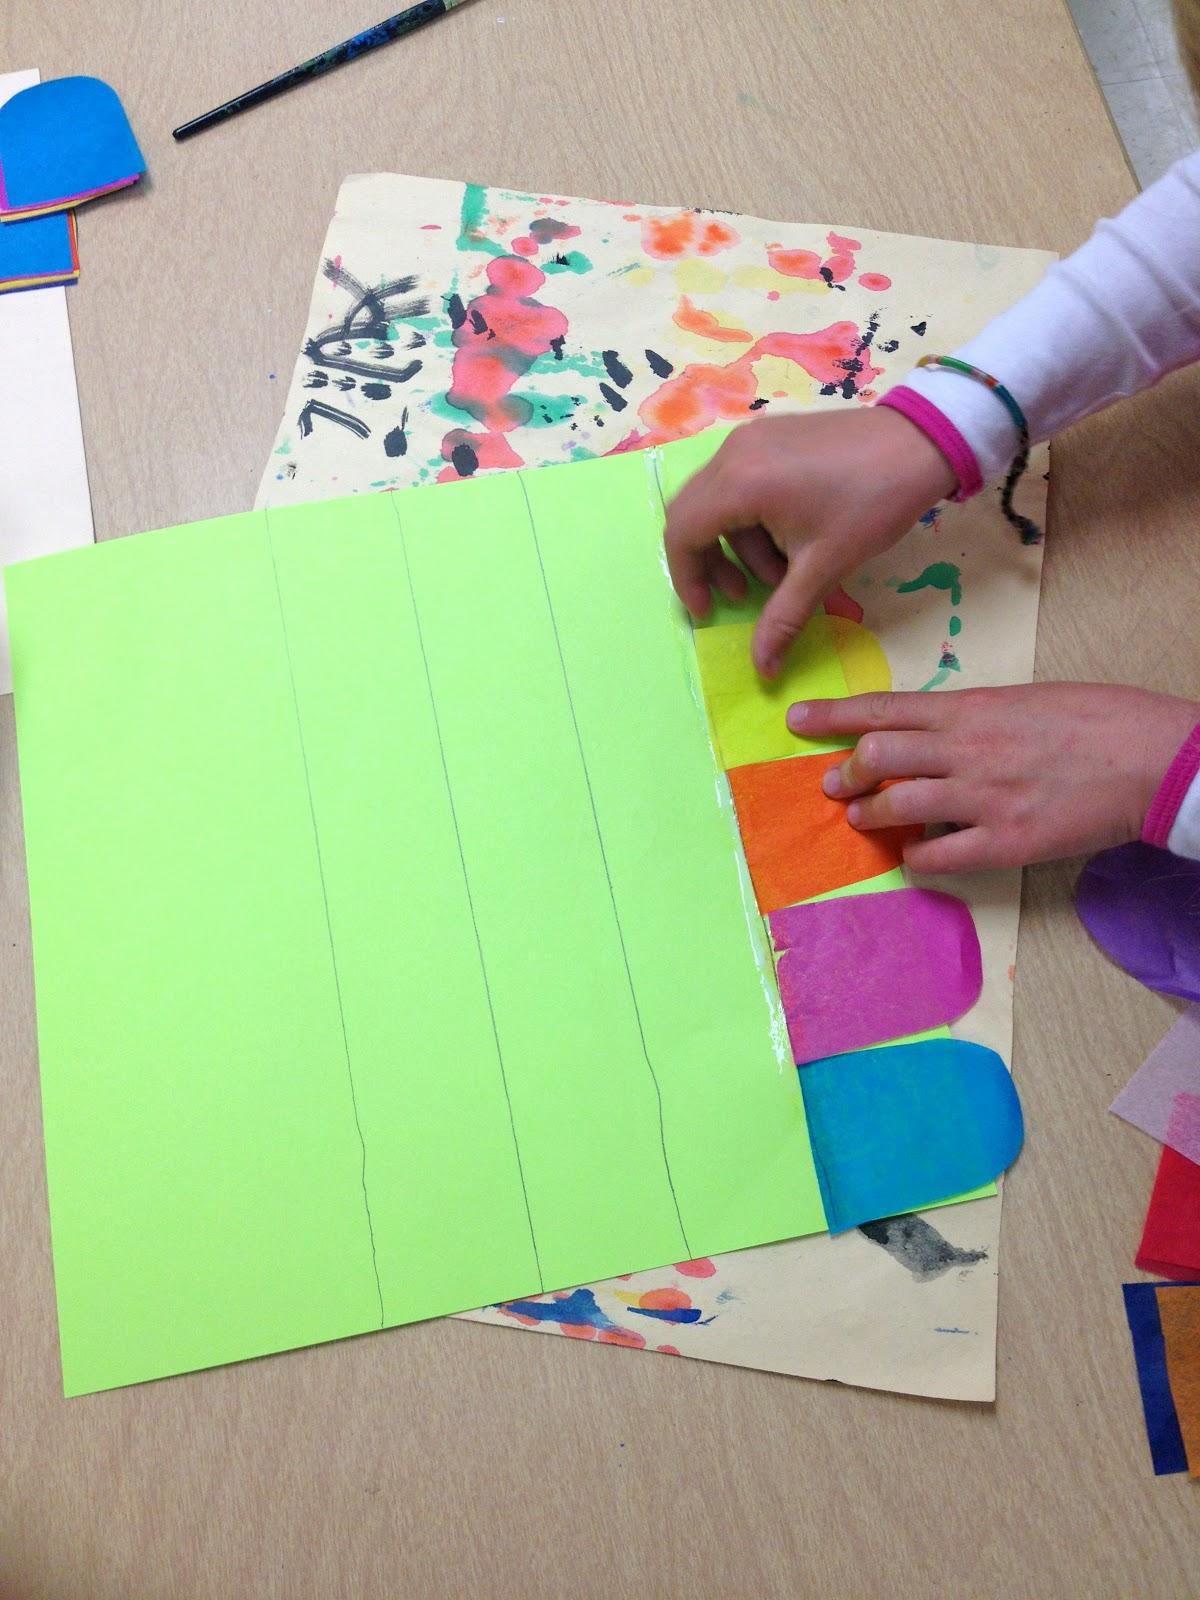 Artipelago Japanese Carp Kites For Children S Day